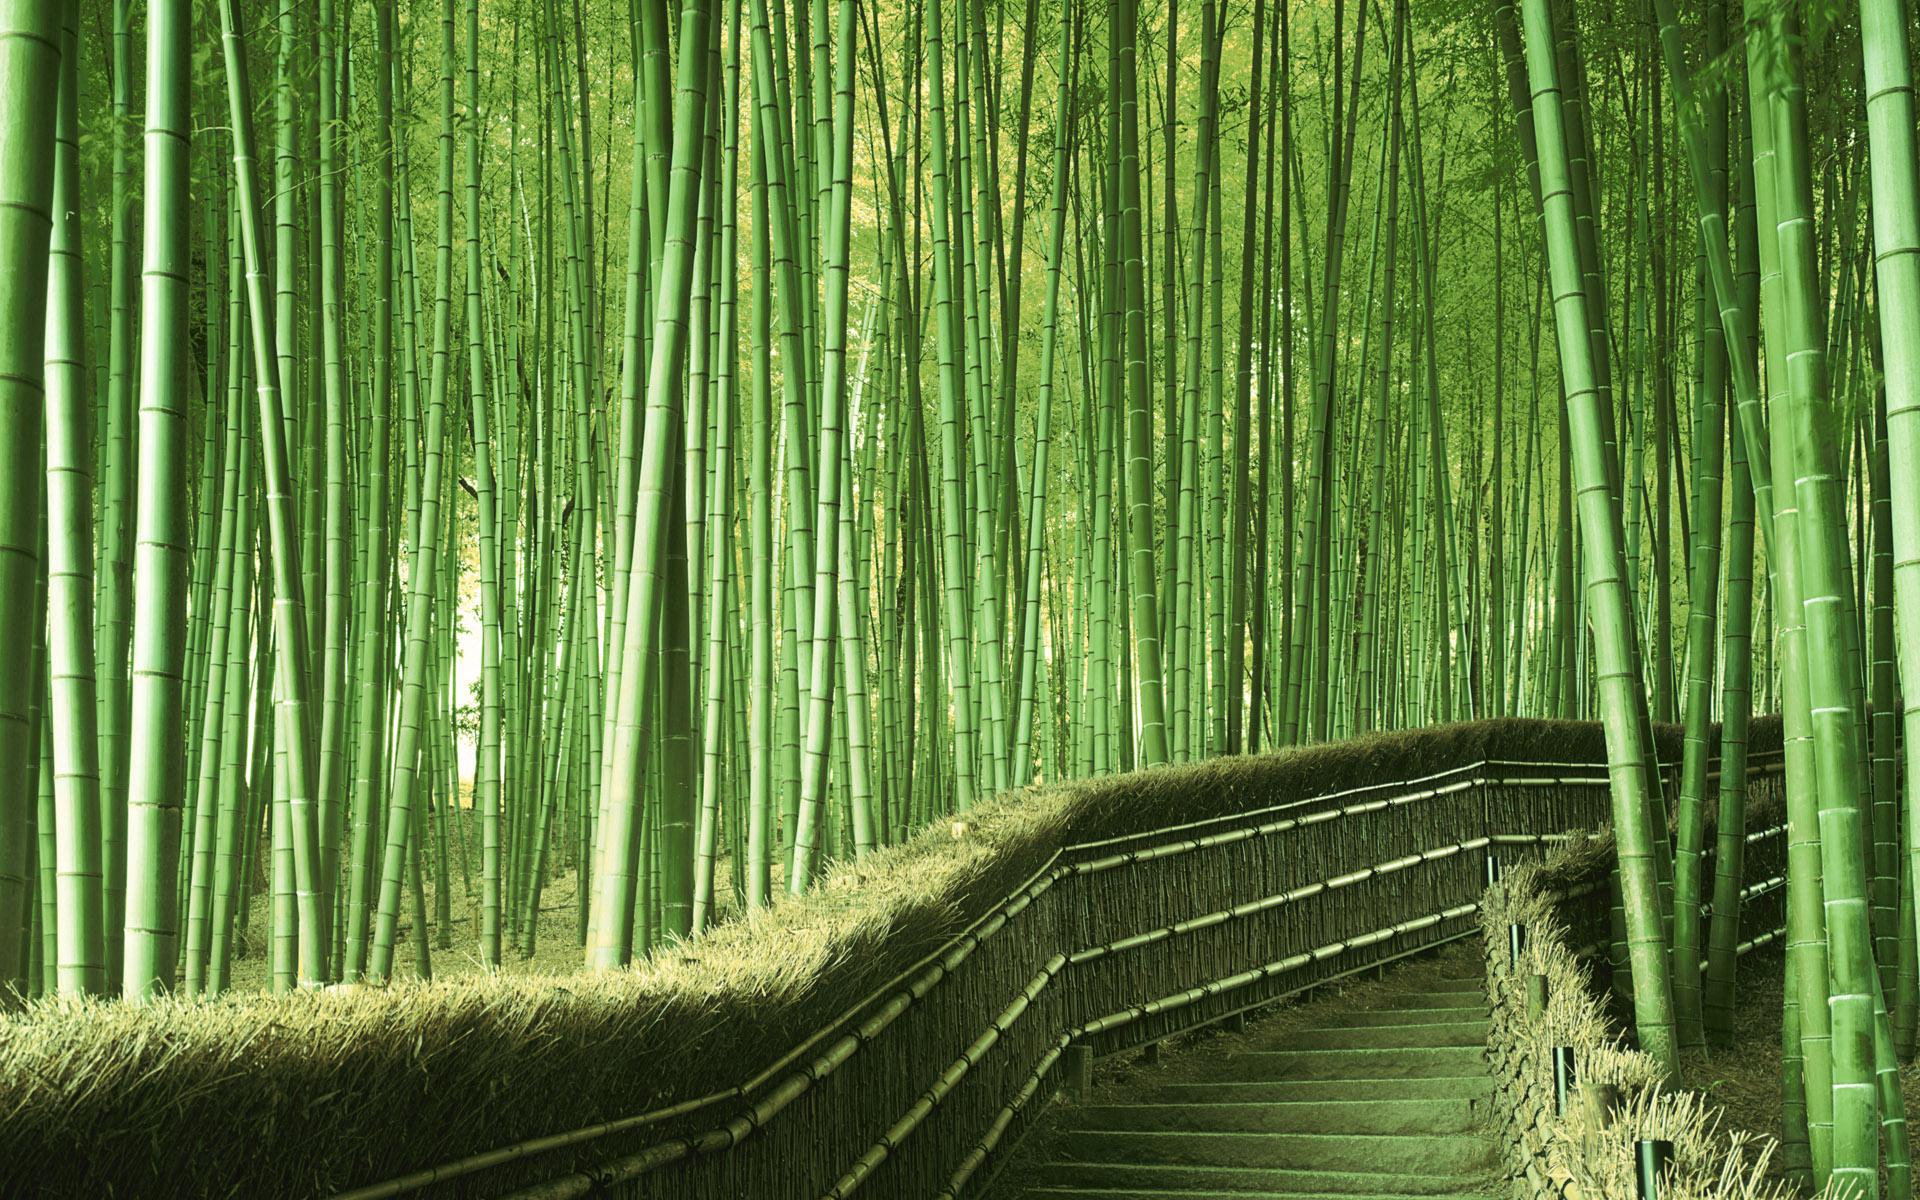 Paisaje lleno de bambu - 1920x1200